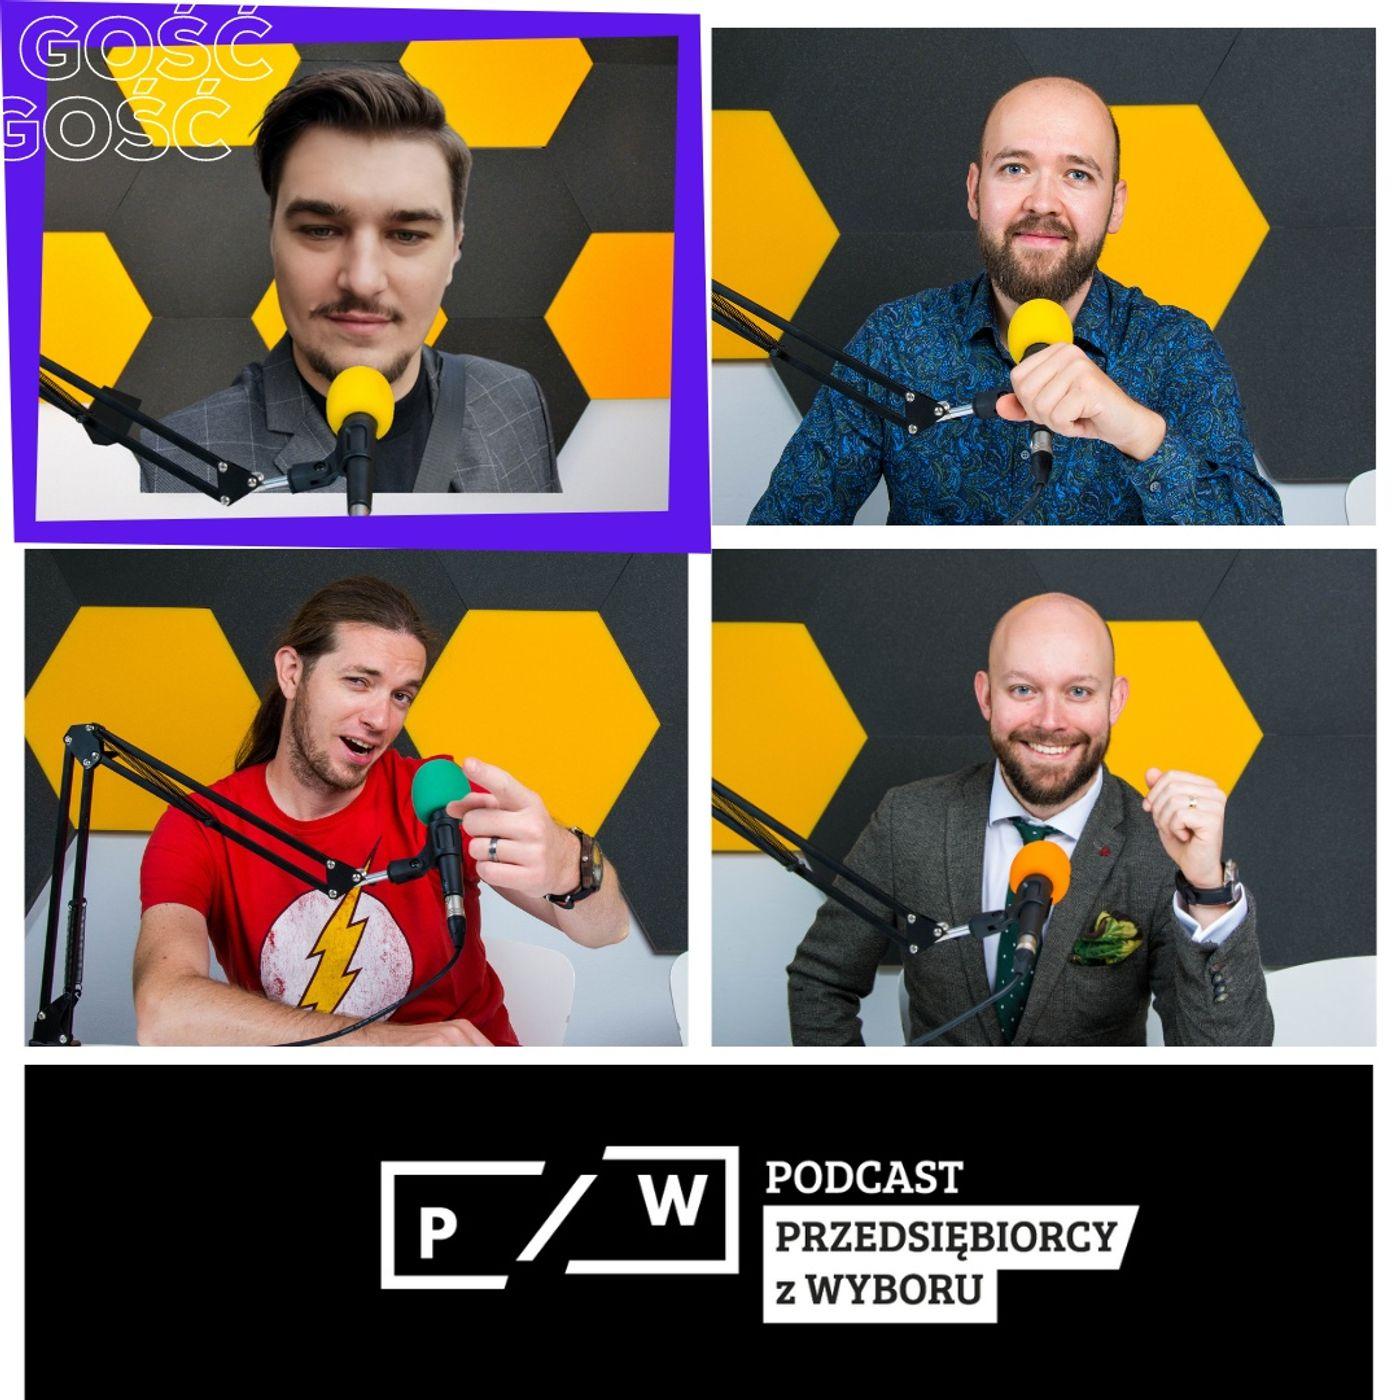 #83 WorkSmart & TakeDrop! - Tomasz Niedźwiecki (TakeDrop)